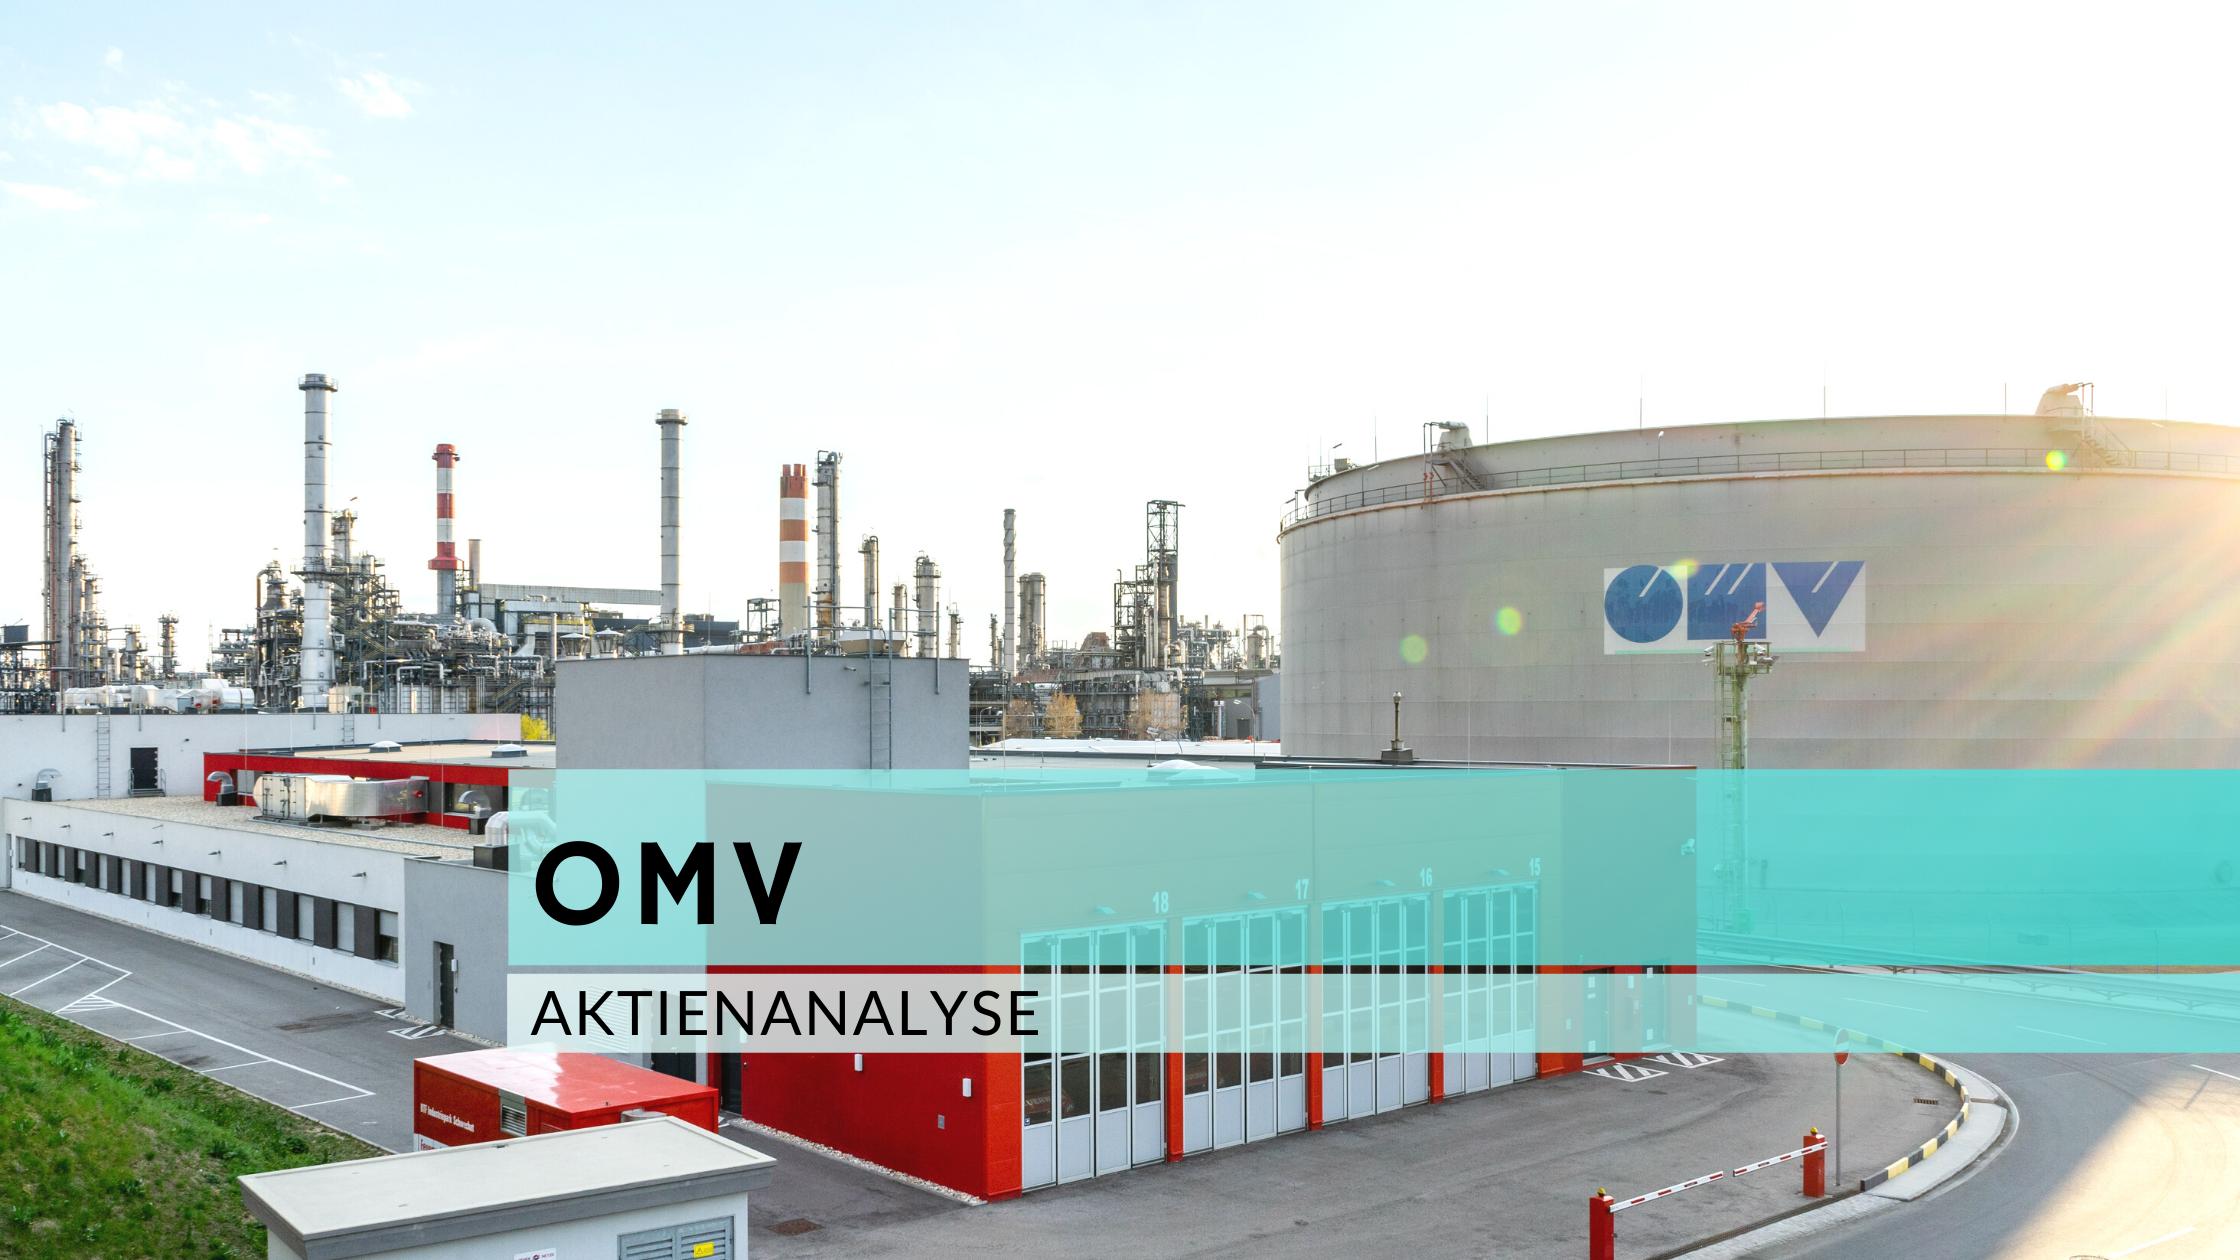 OMV Aktienanalyse